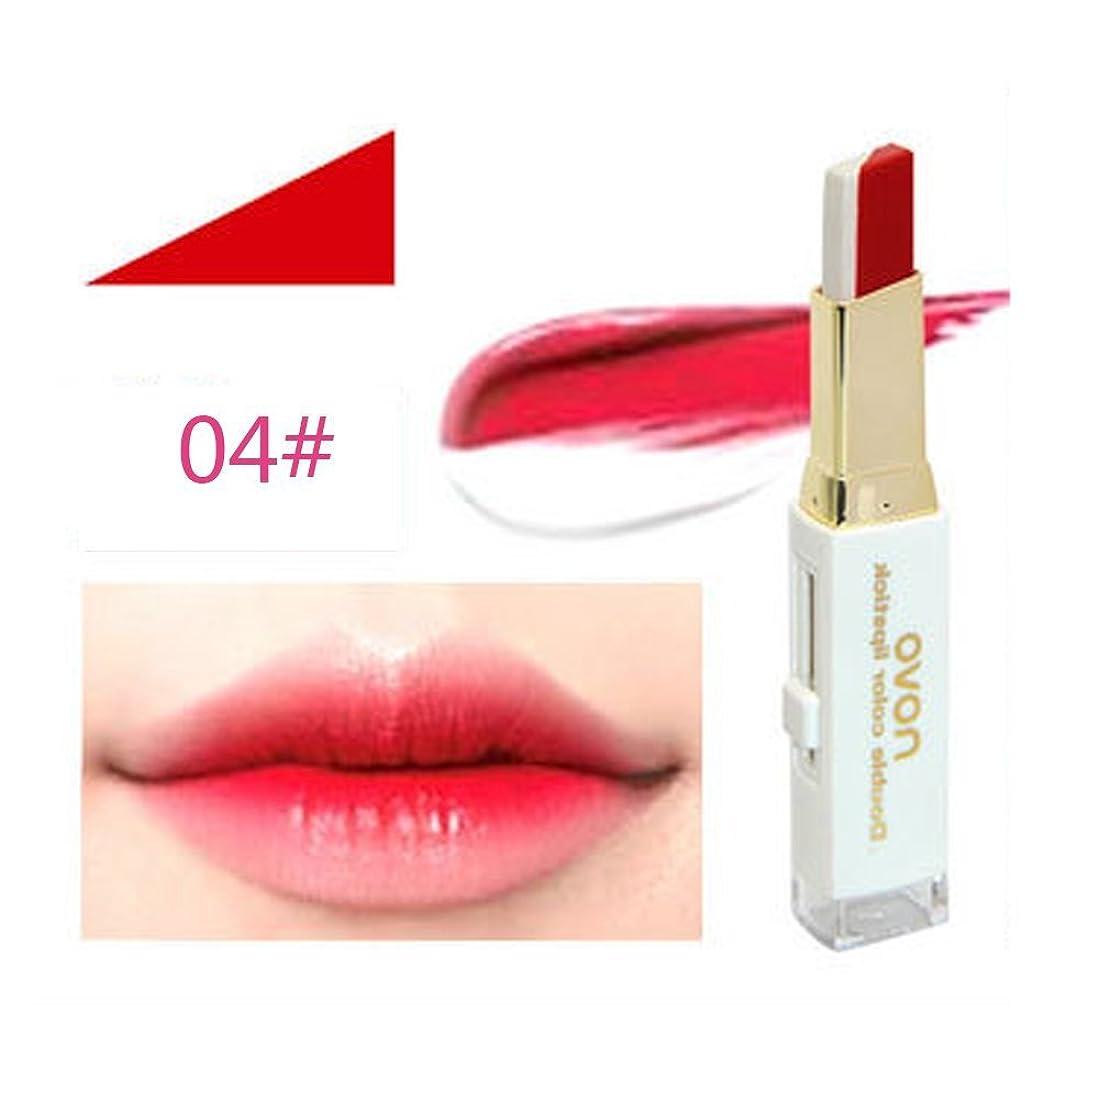 テクトニック口頭より多いトーン ティント 変色リップ グラデーション 人気 口紅 立体感 唇ケア 落ちにくい リップバーム 3.8g 全8色 (04)